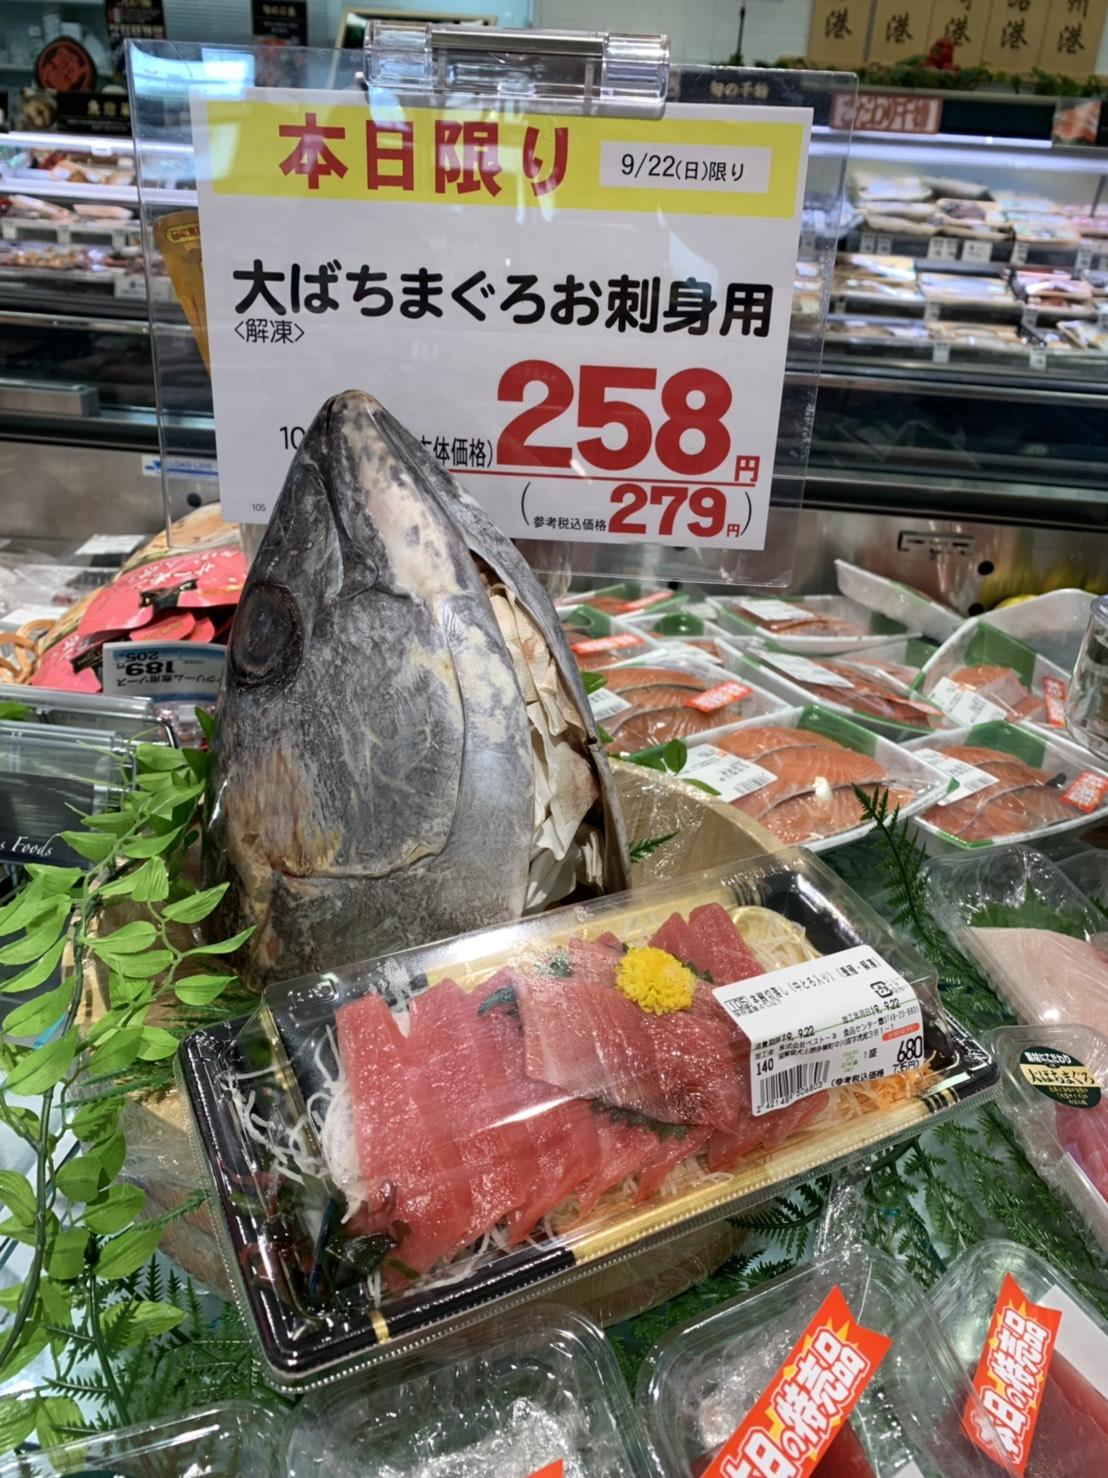 フレンドマート高槻氷室店★新鮮な魚!!